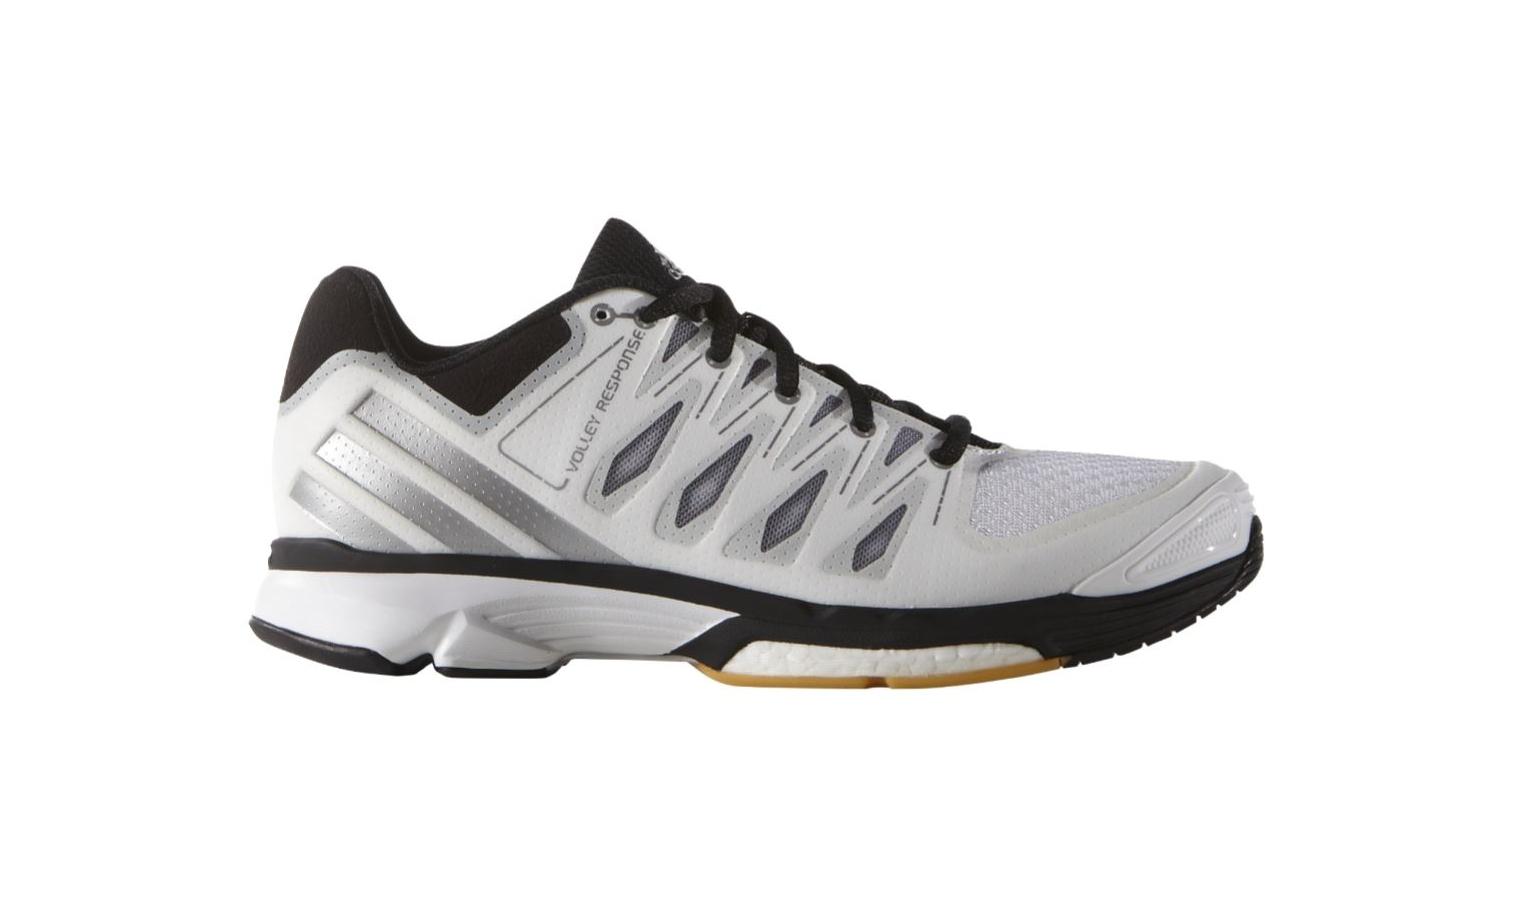 Dámské volejbalové boty adidas VOLLEY RESPONSE 2 BOOST W bílé  718c72b28d9